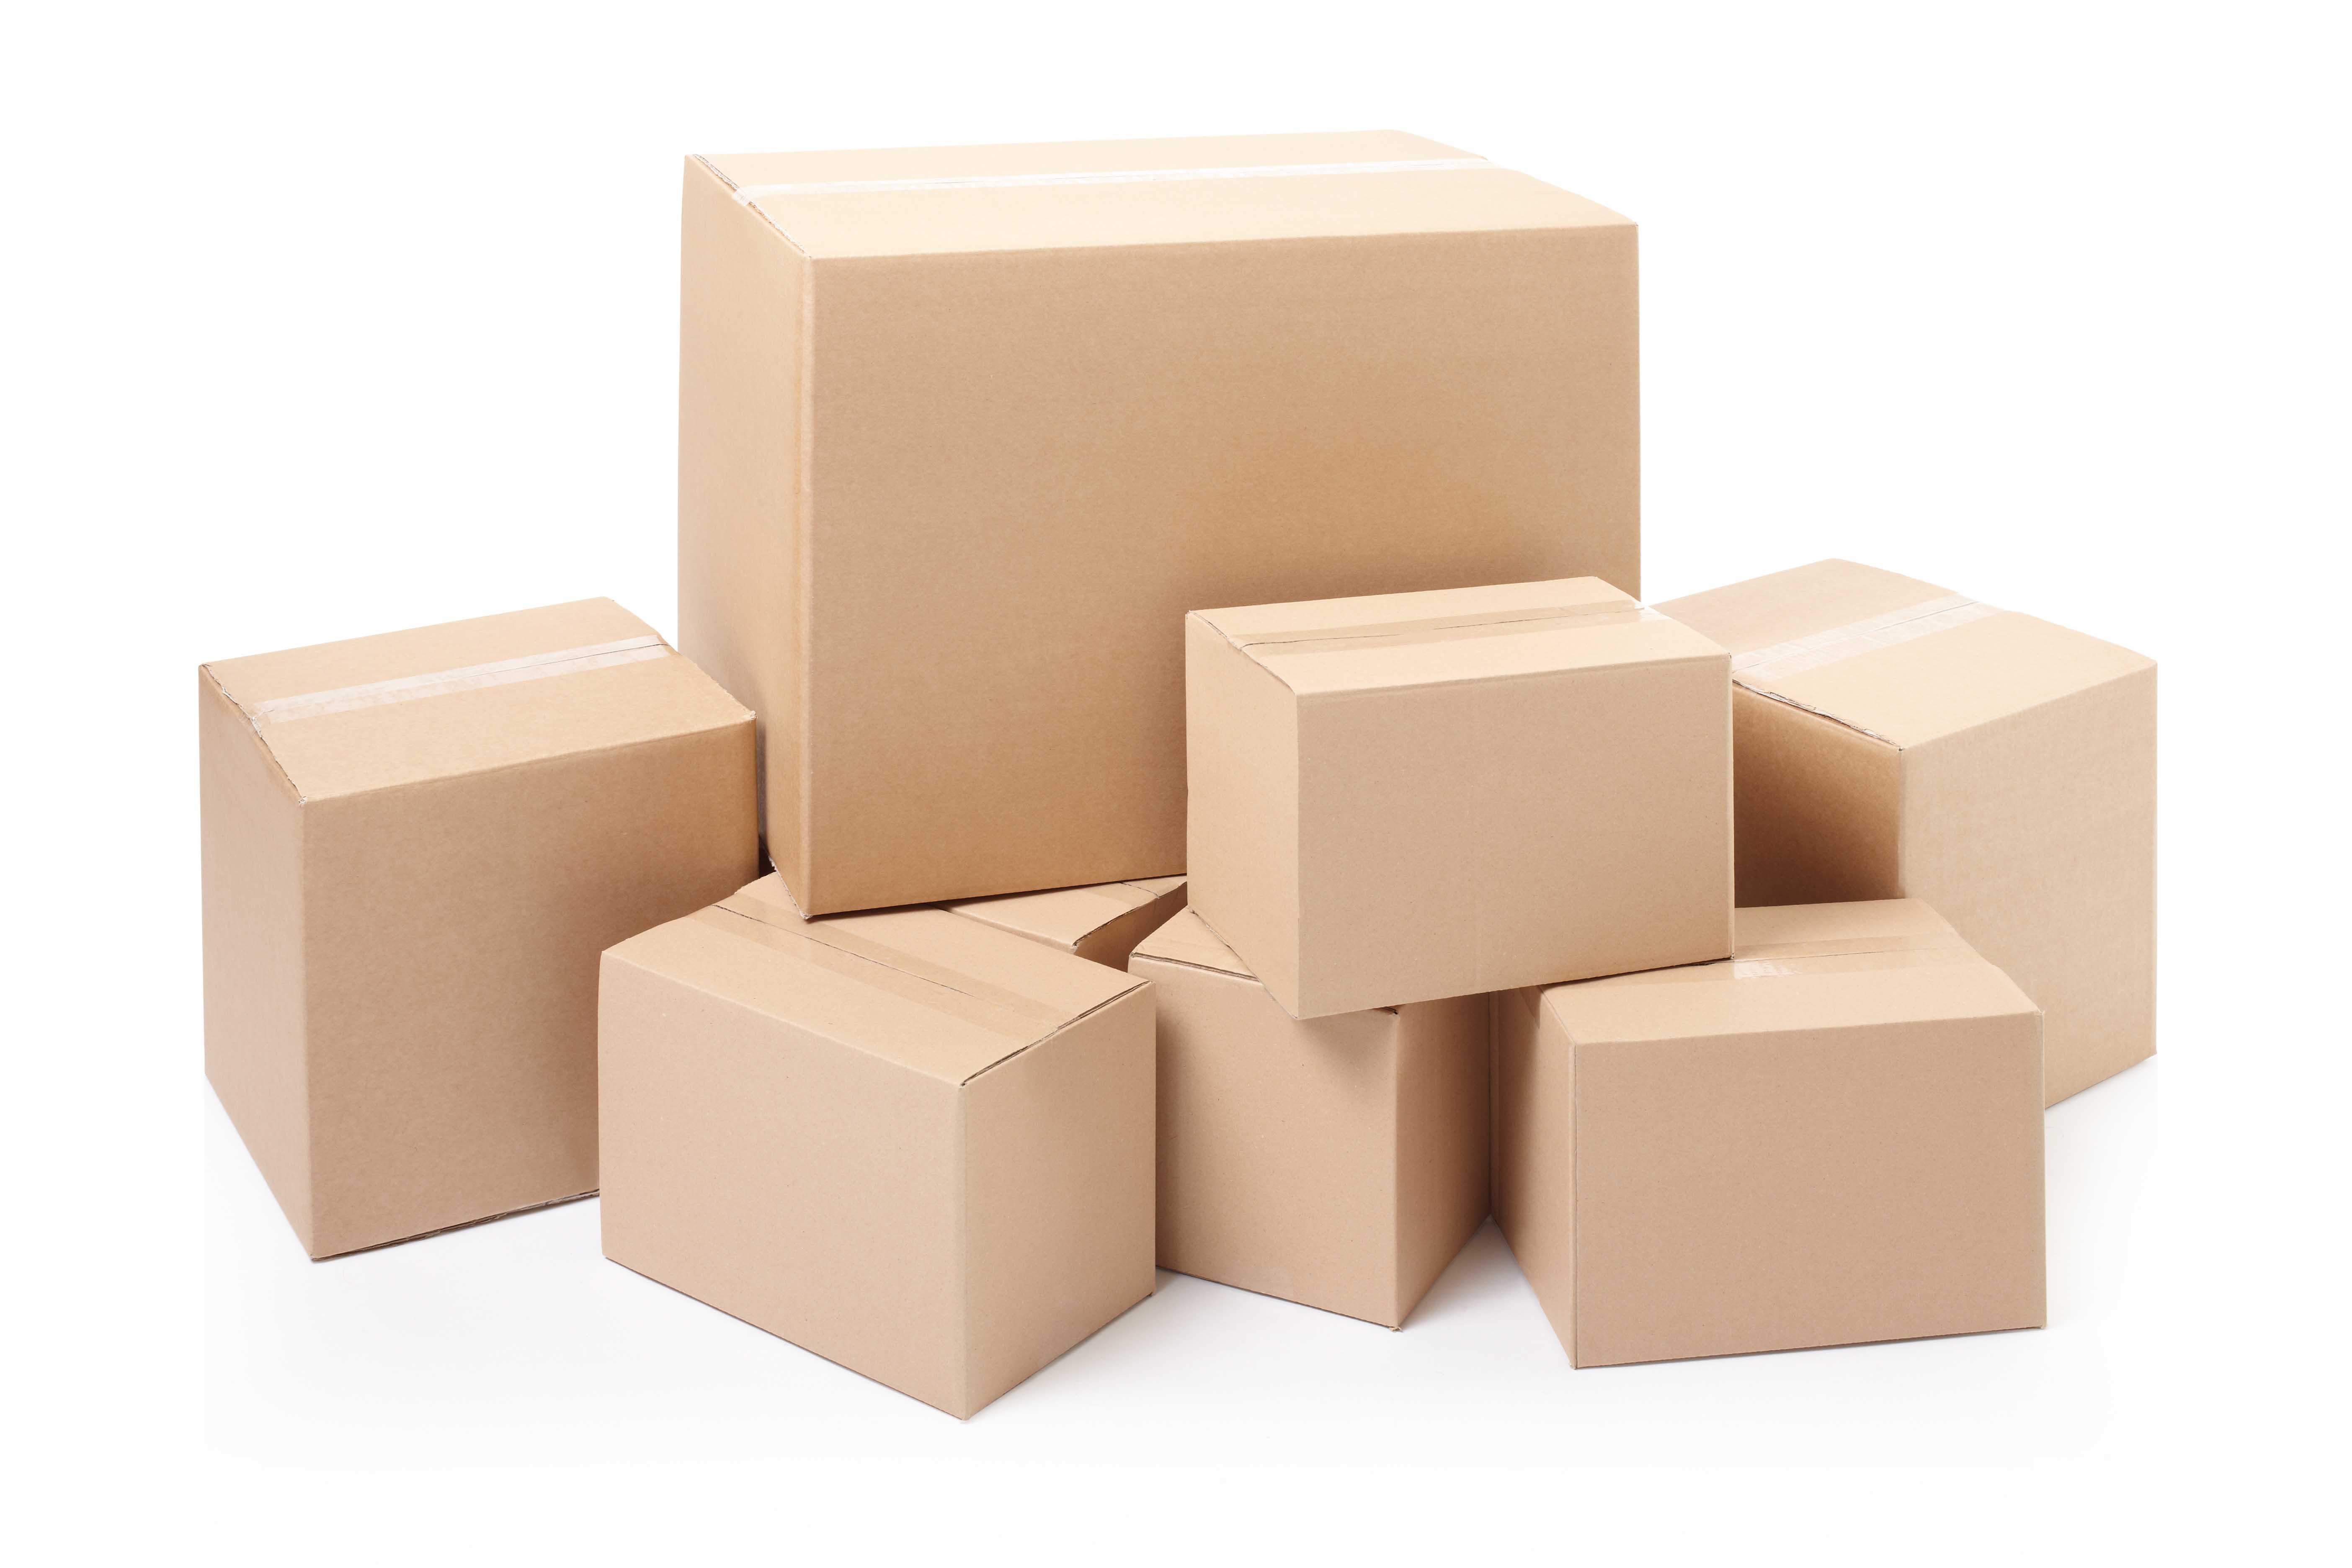 UN box - Cardboard boxes stack